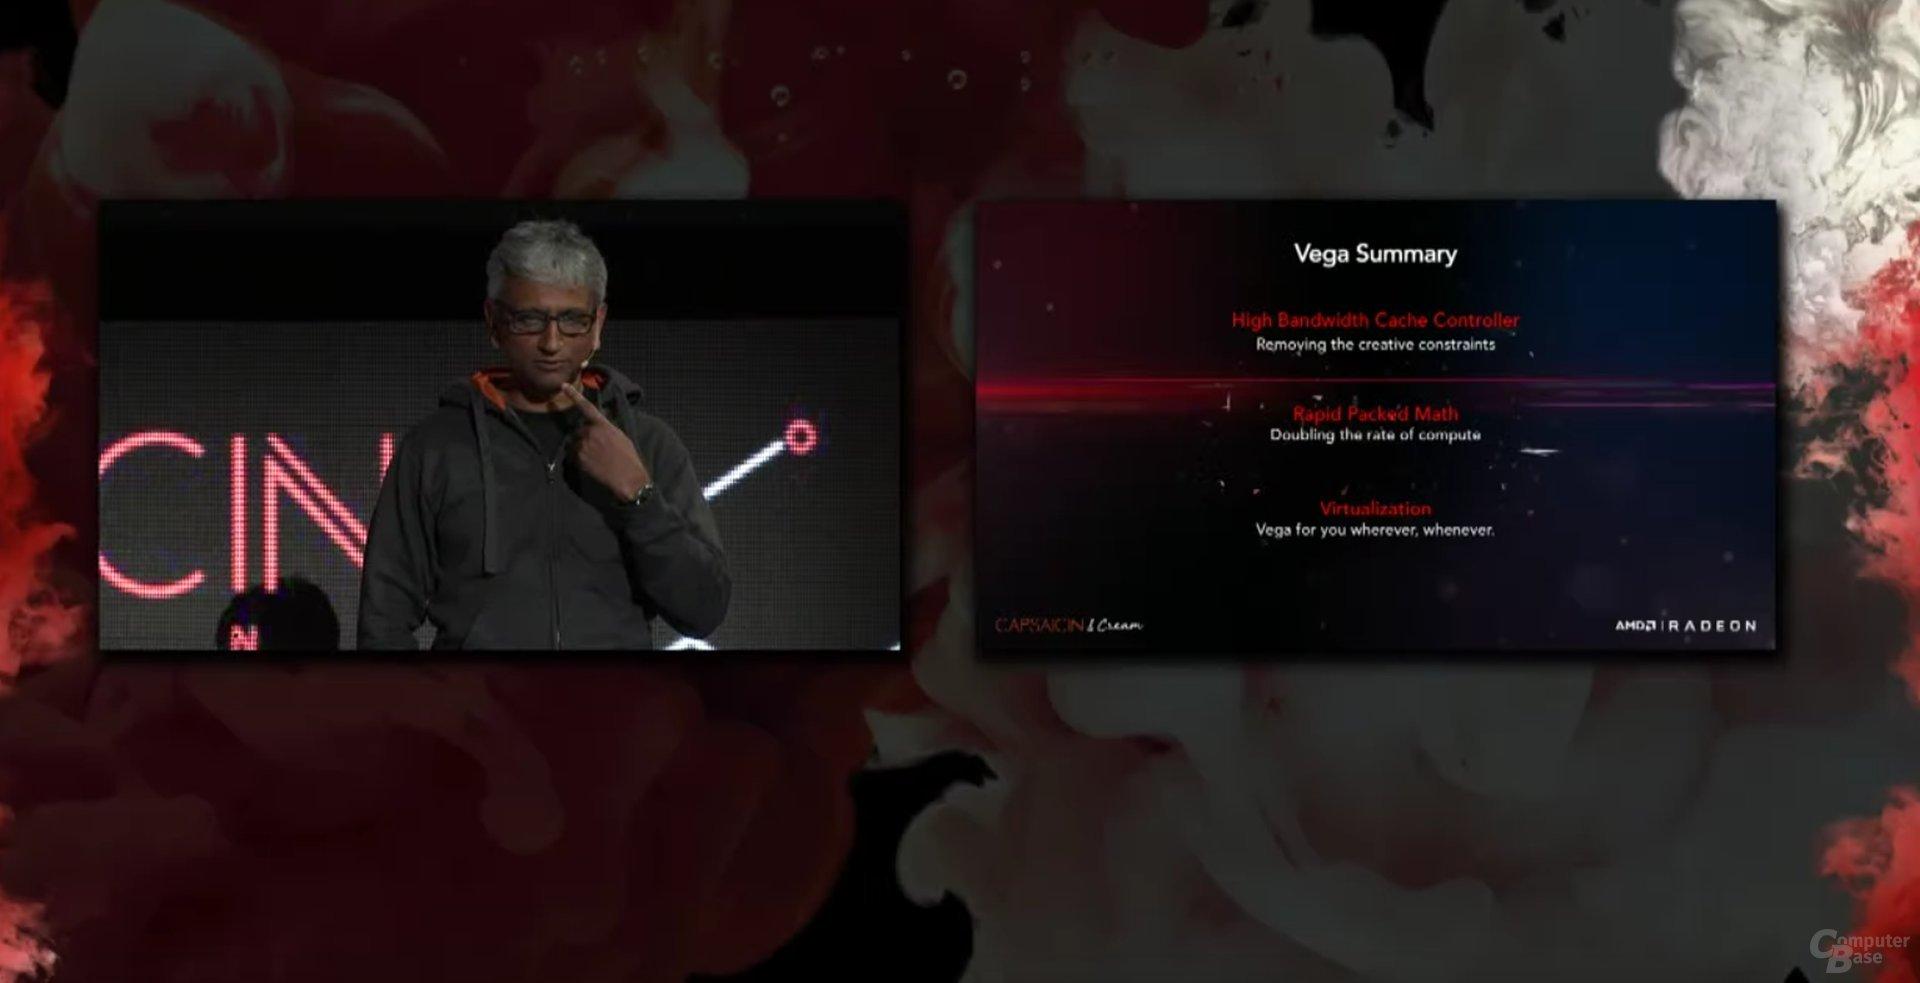 Zusammenfassung der Vega-Demos